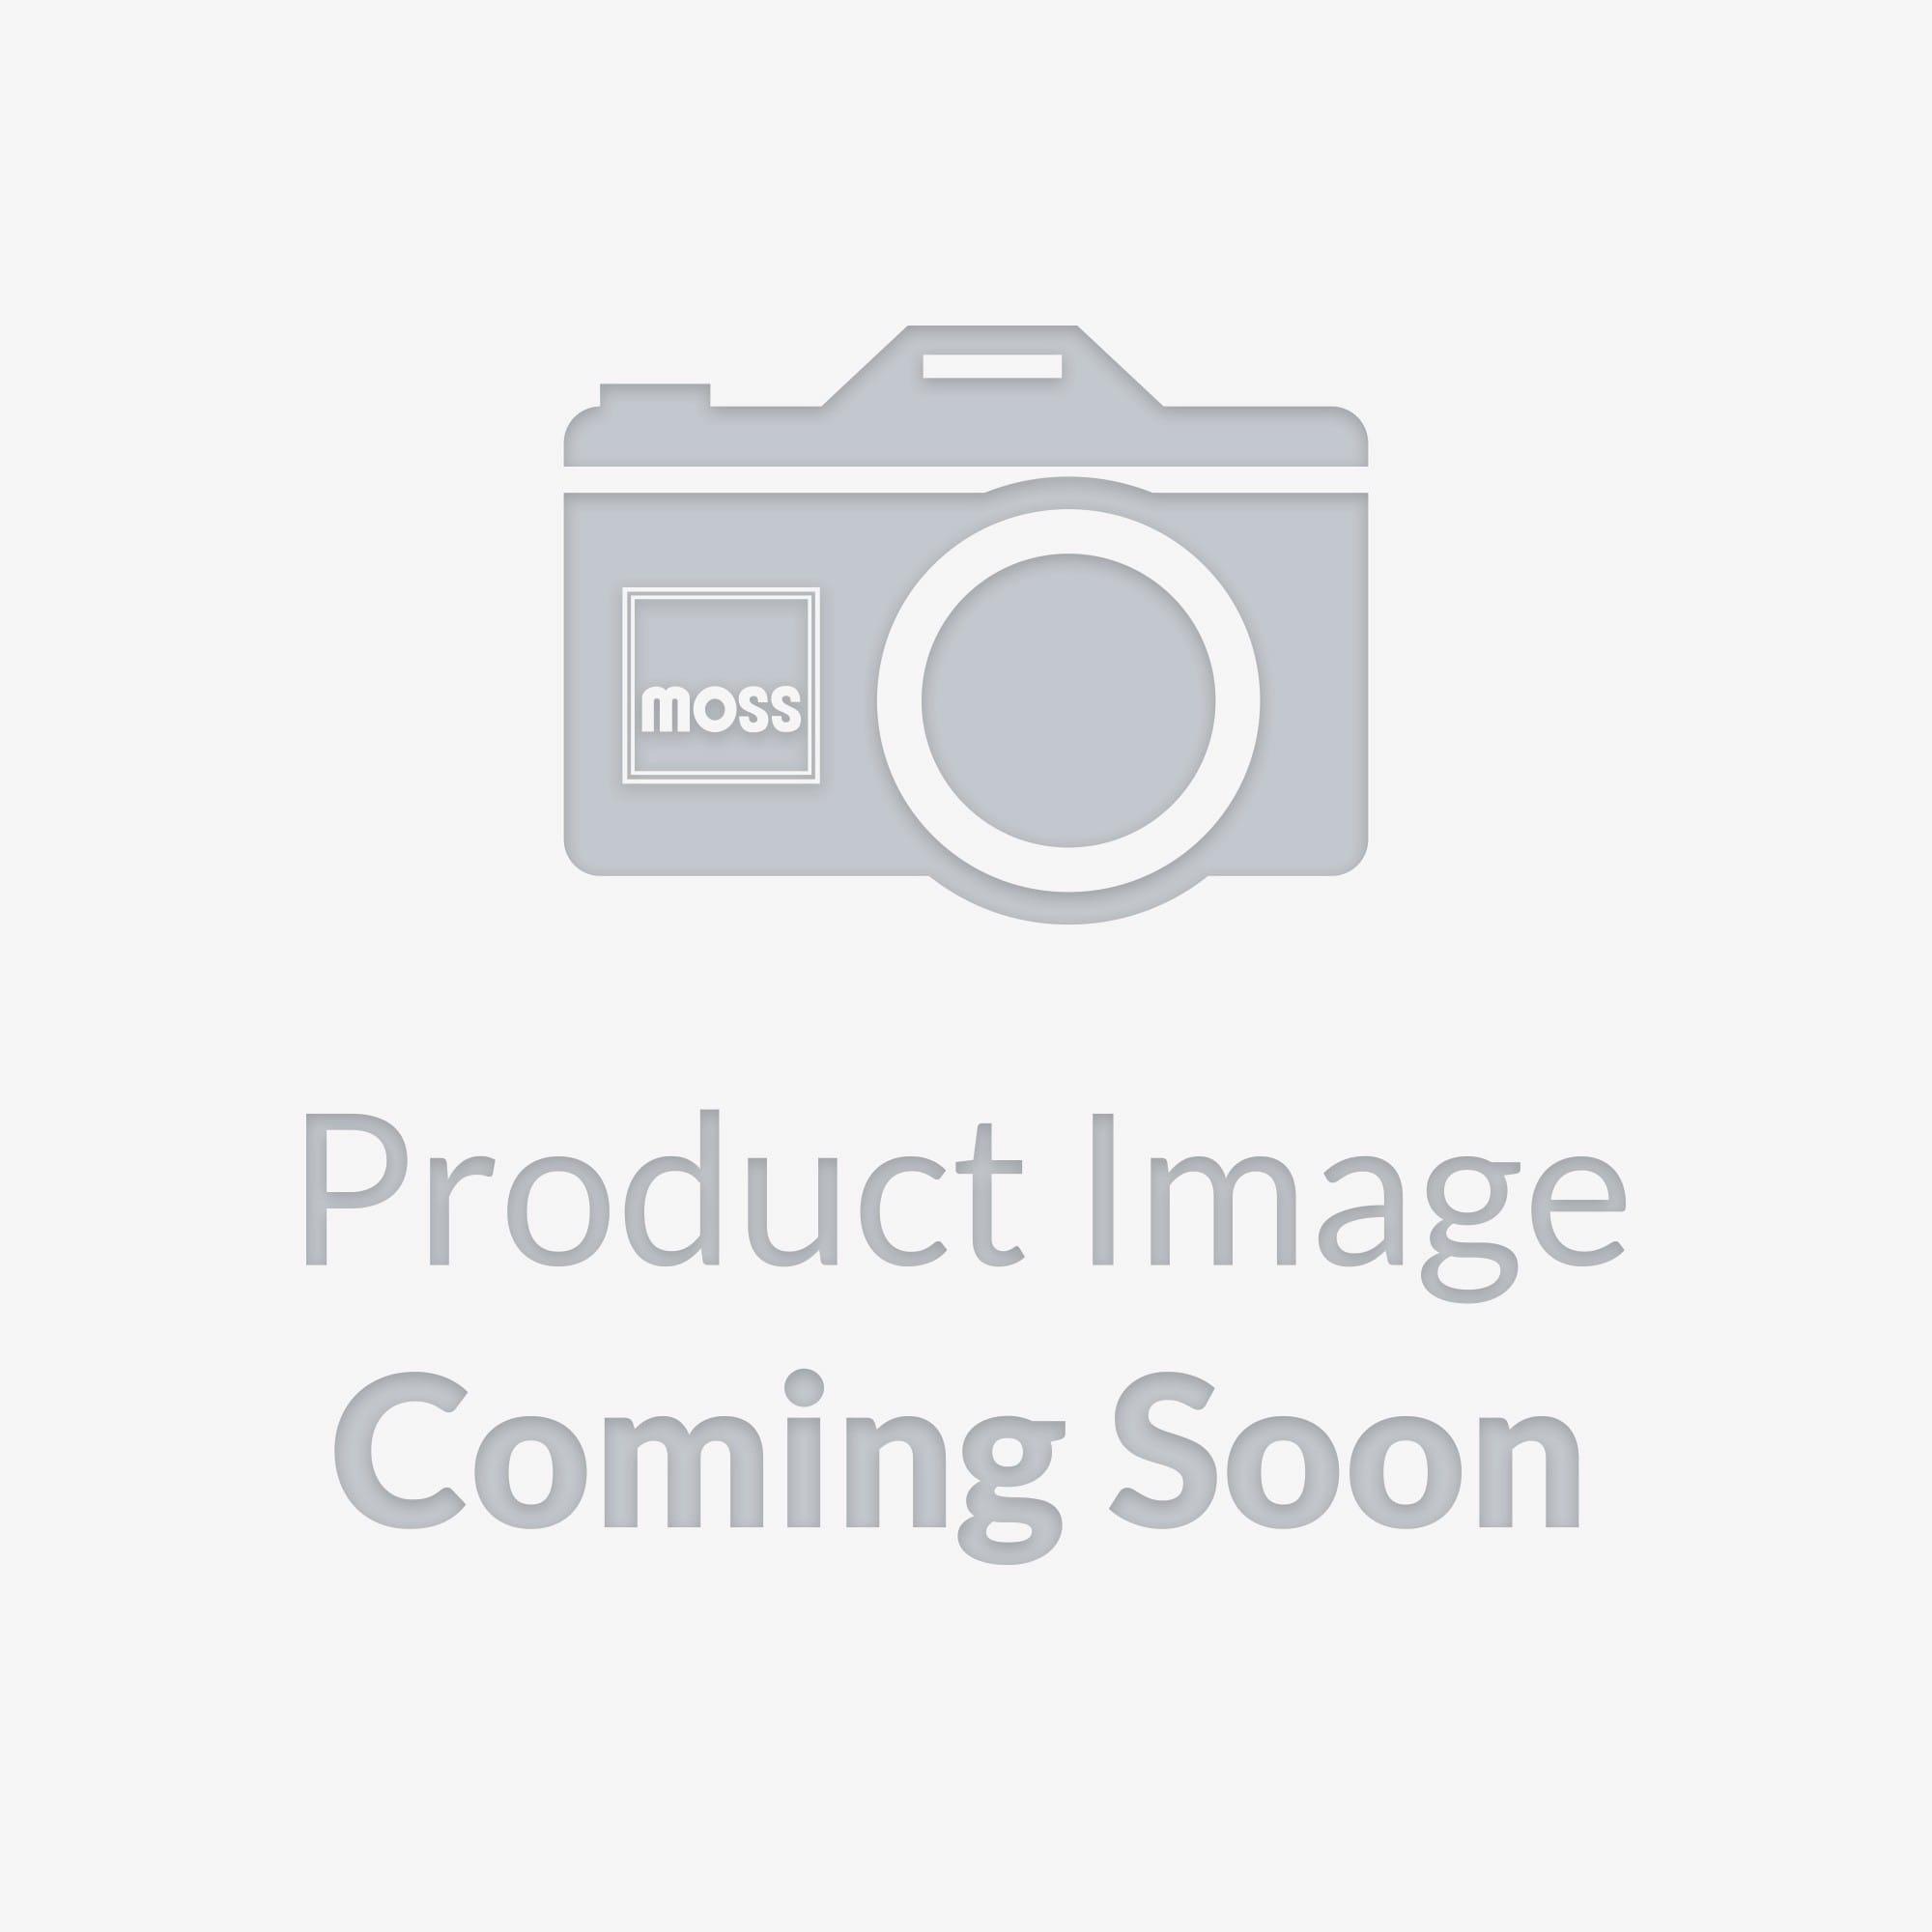 421 340 Piston Ring Set Standard 4 Ring